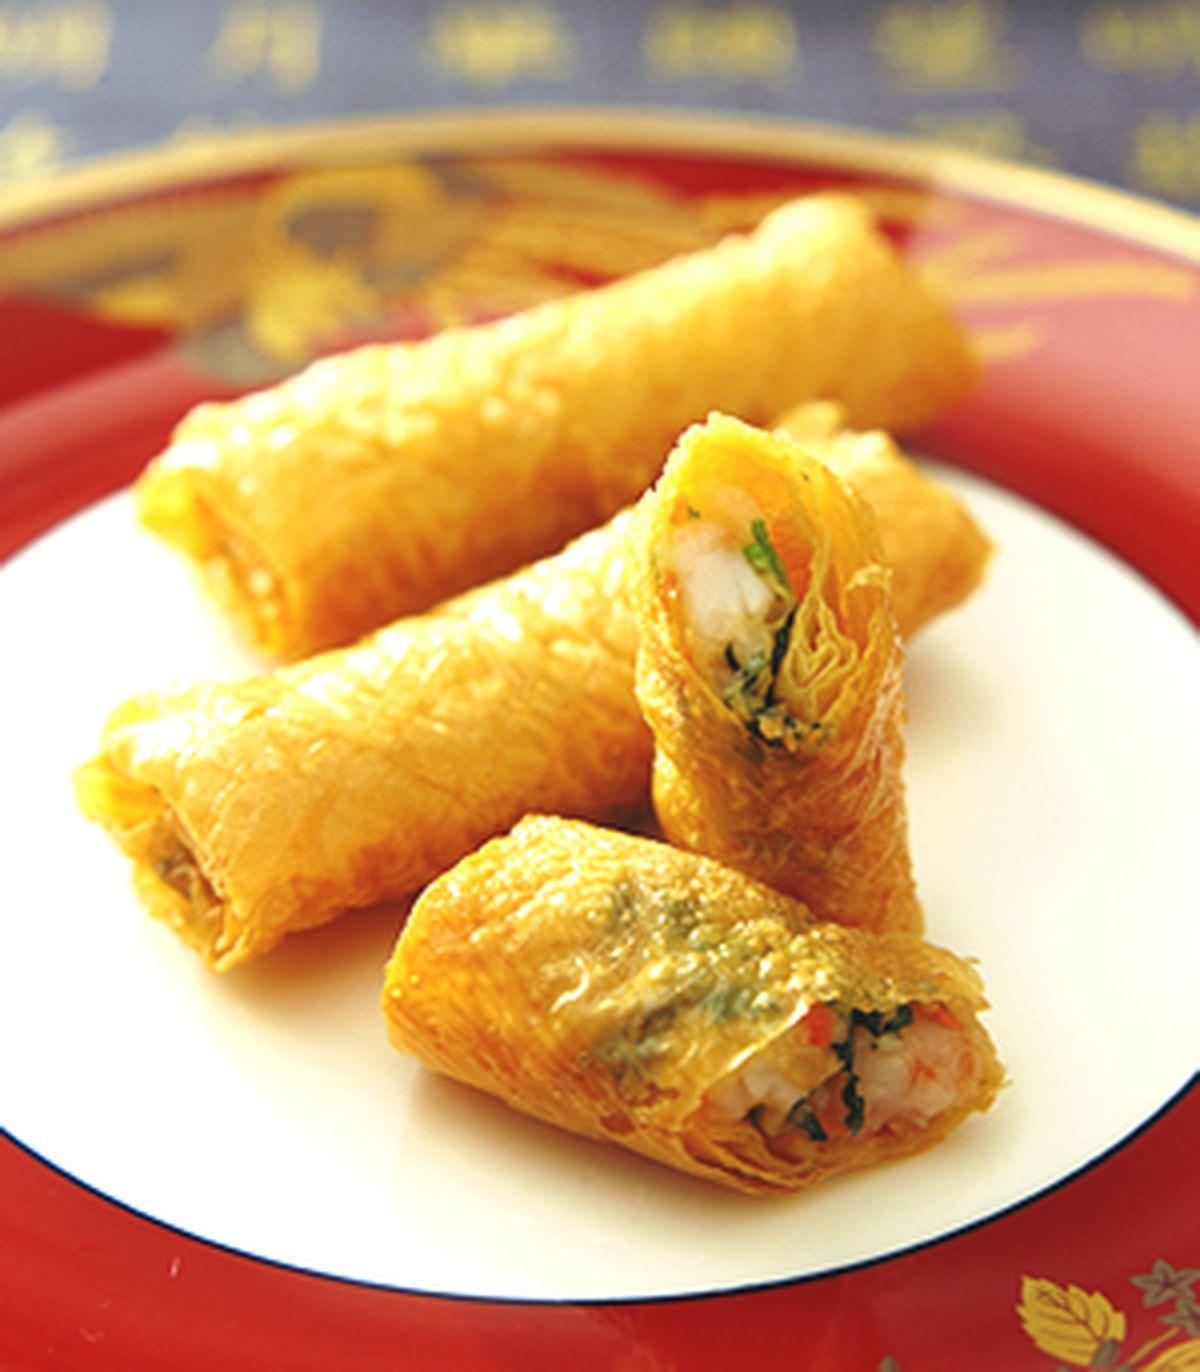 食譜:鮮蝦腐皮卷